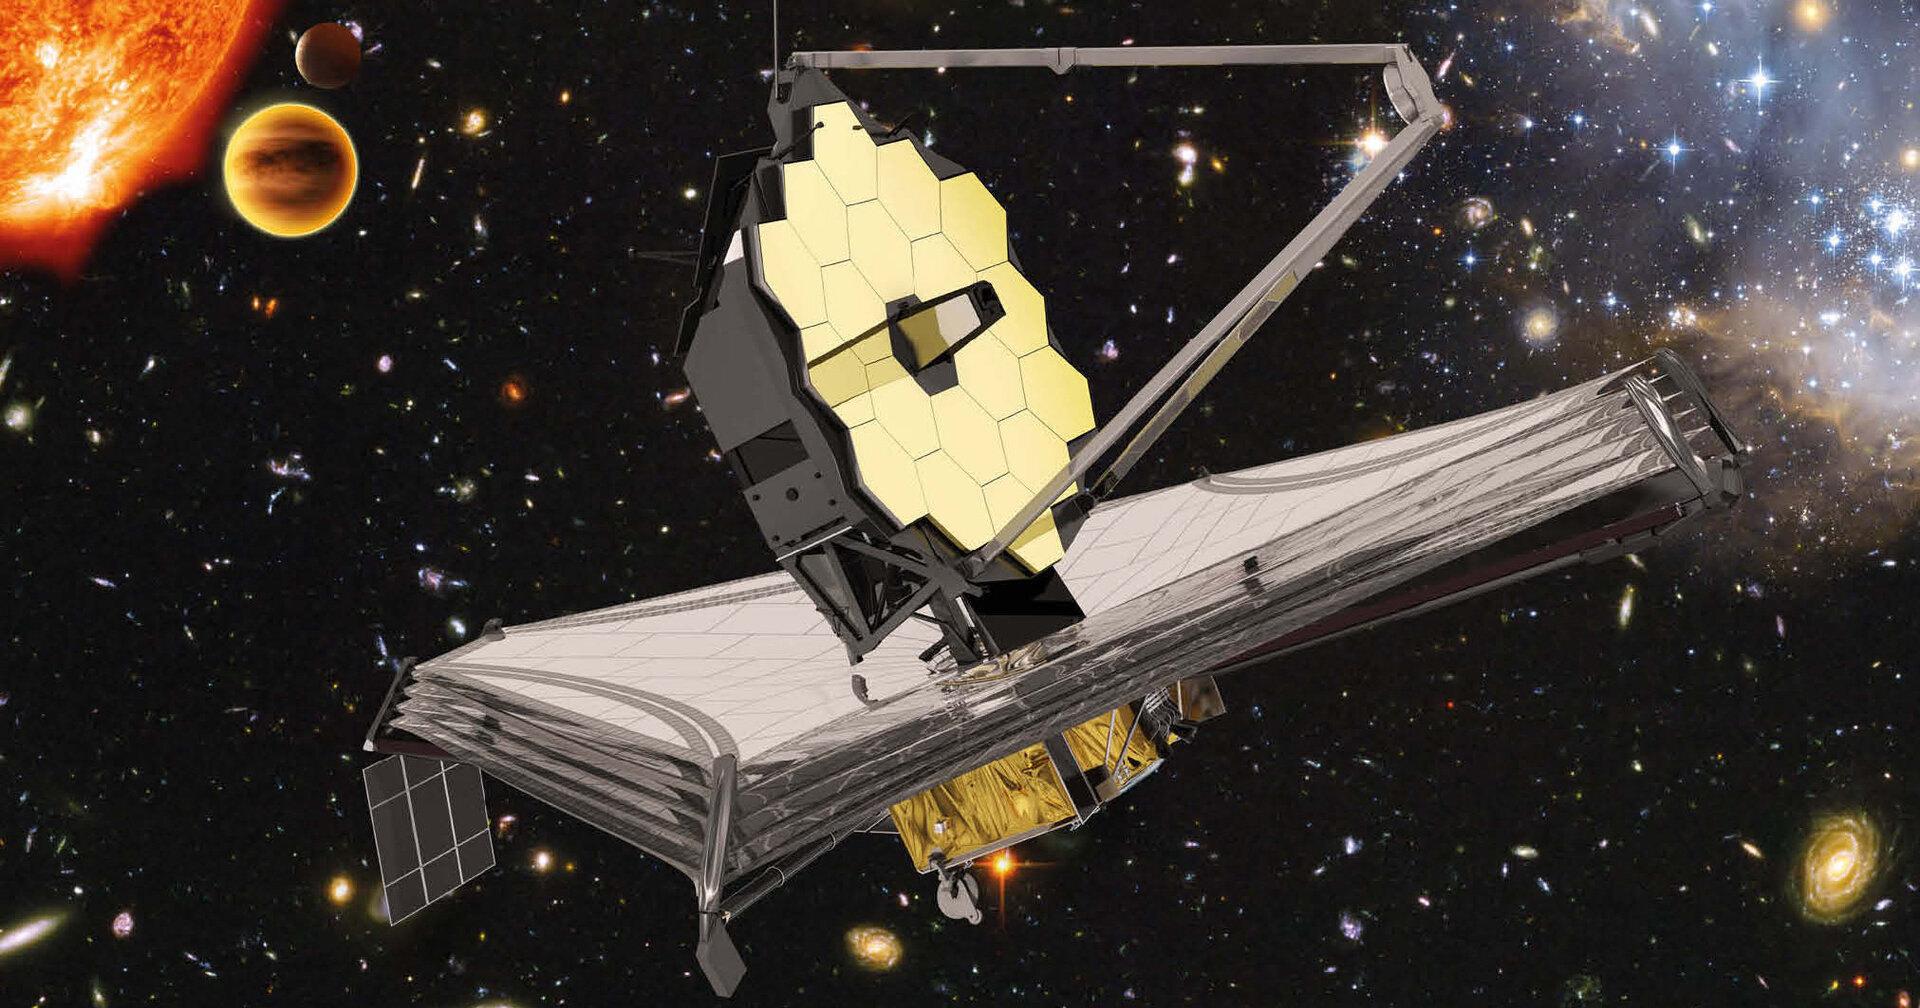 НАСА снова отложит запуск телескопа «Джеймс Уэбб»